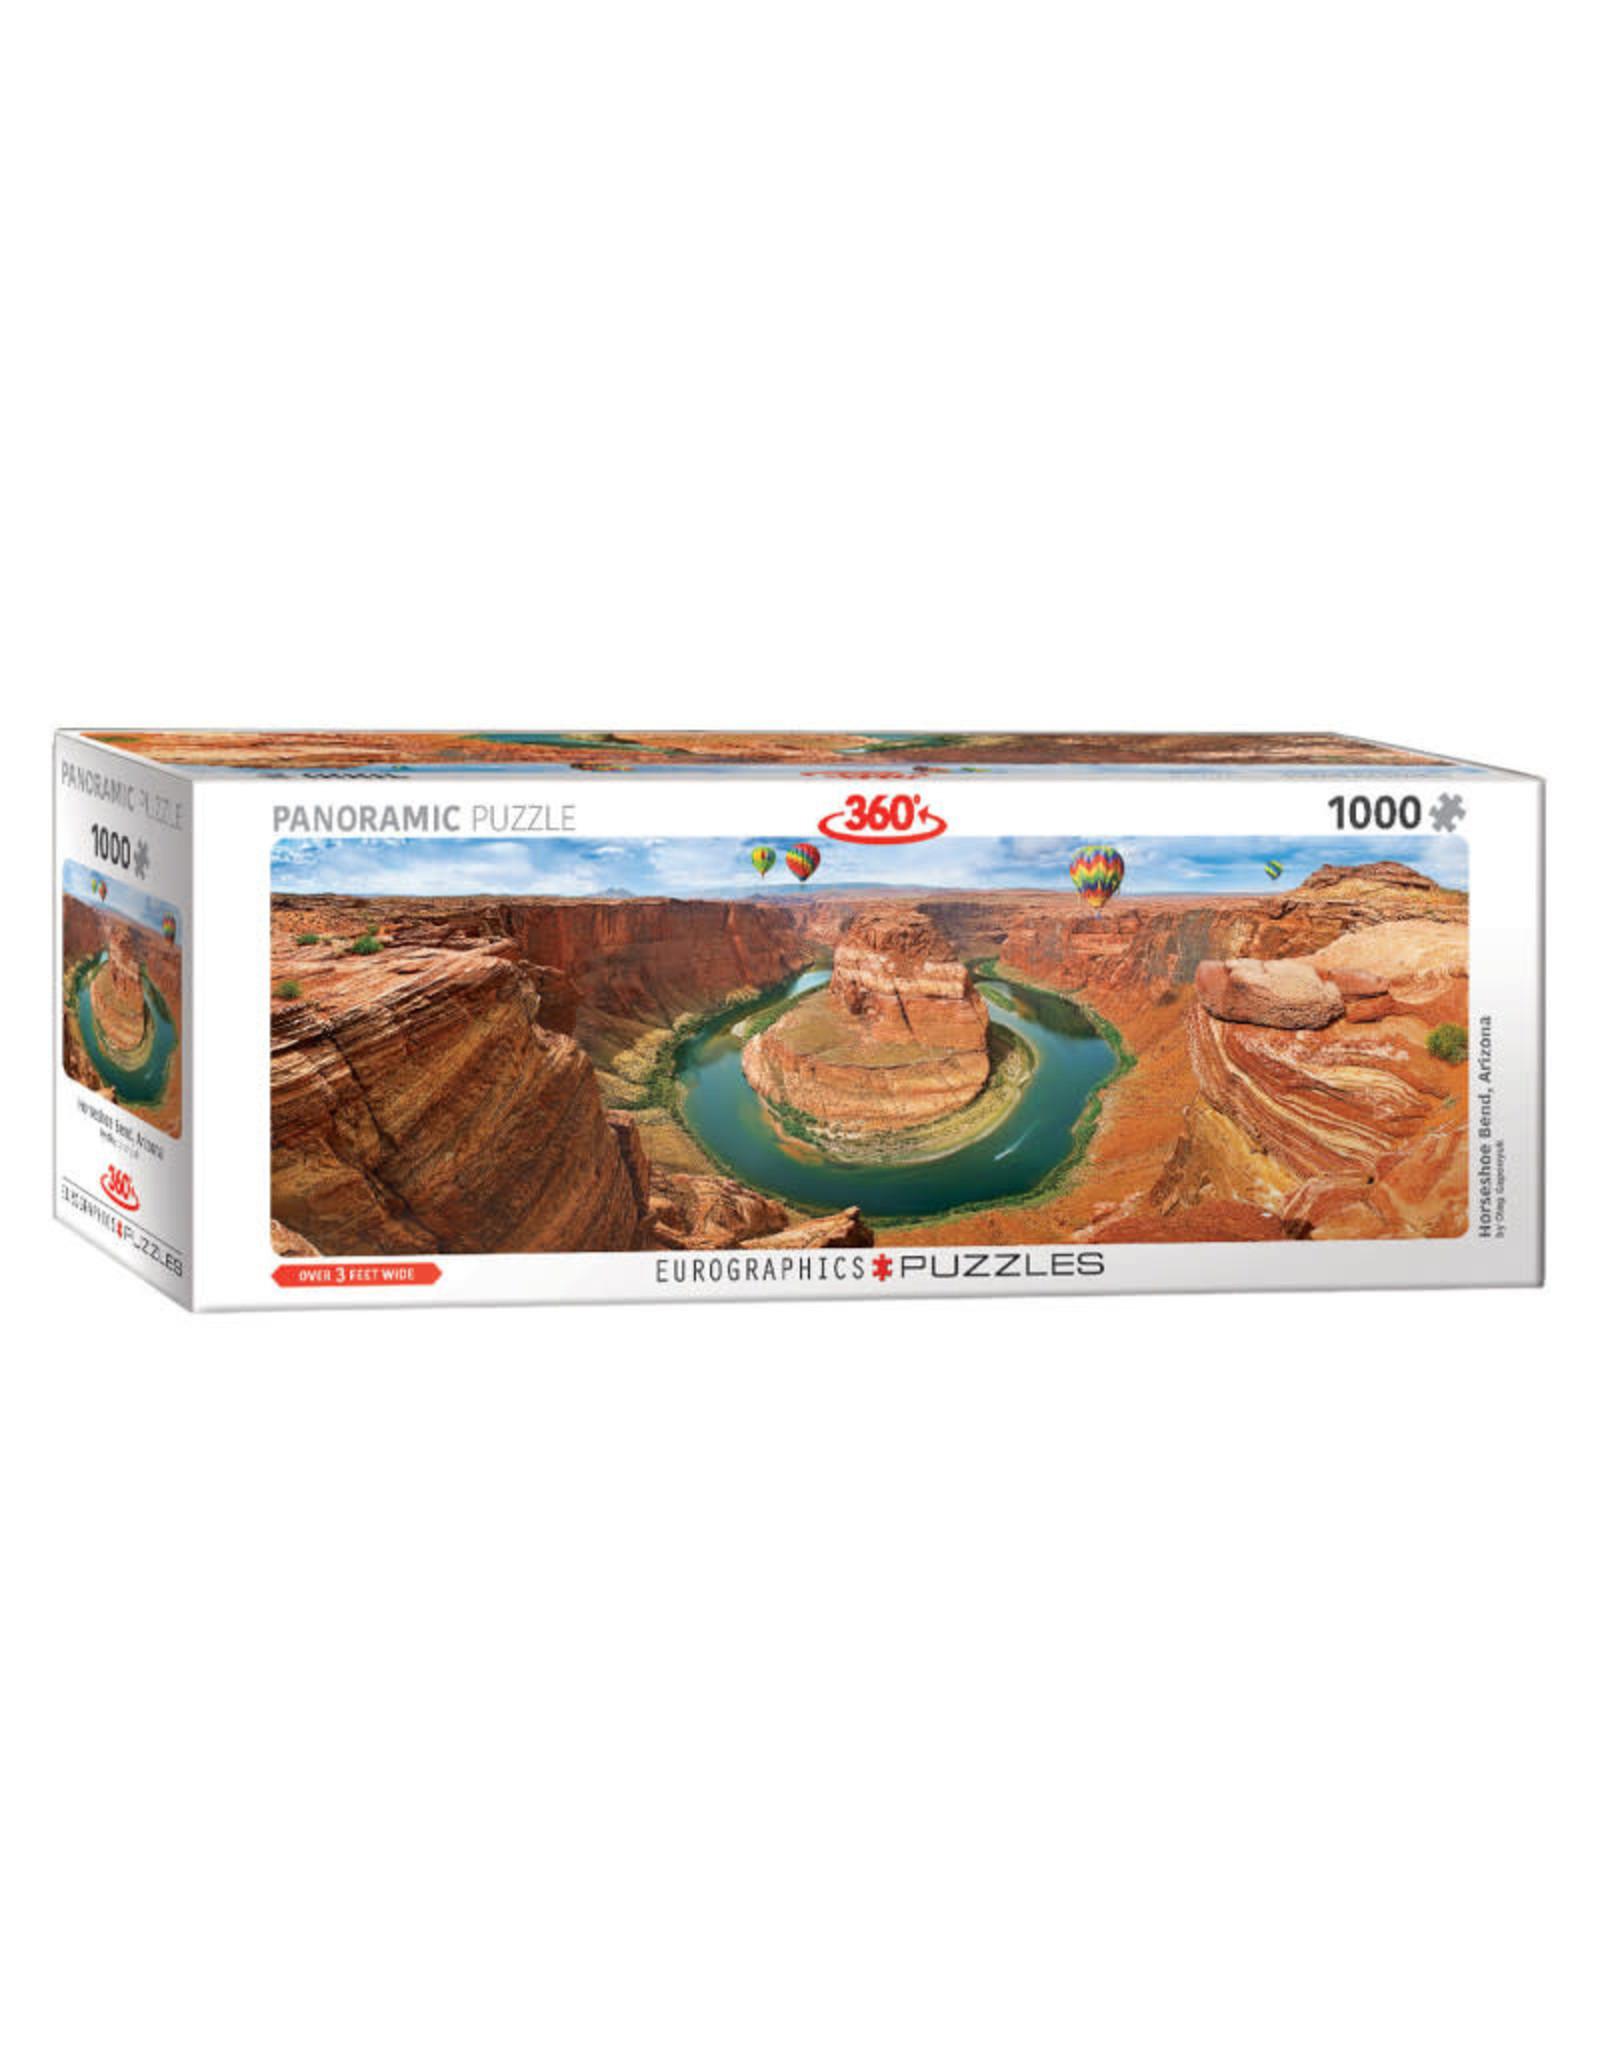 Eurographics Horseshoe Bend, Arizona Puzzle 1000 PCS Panorama